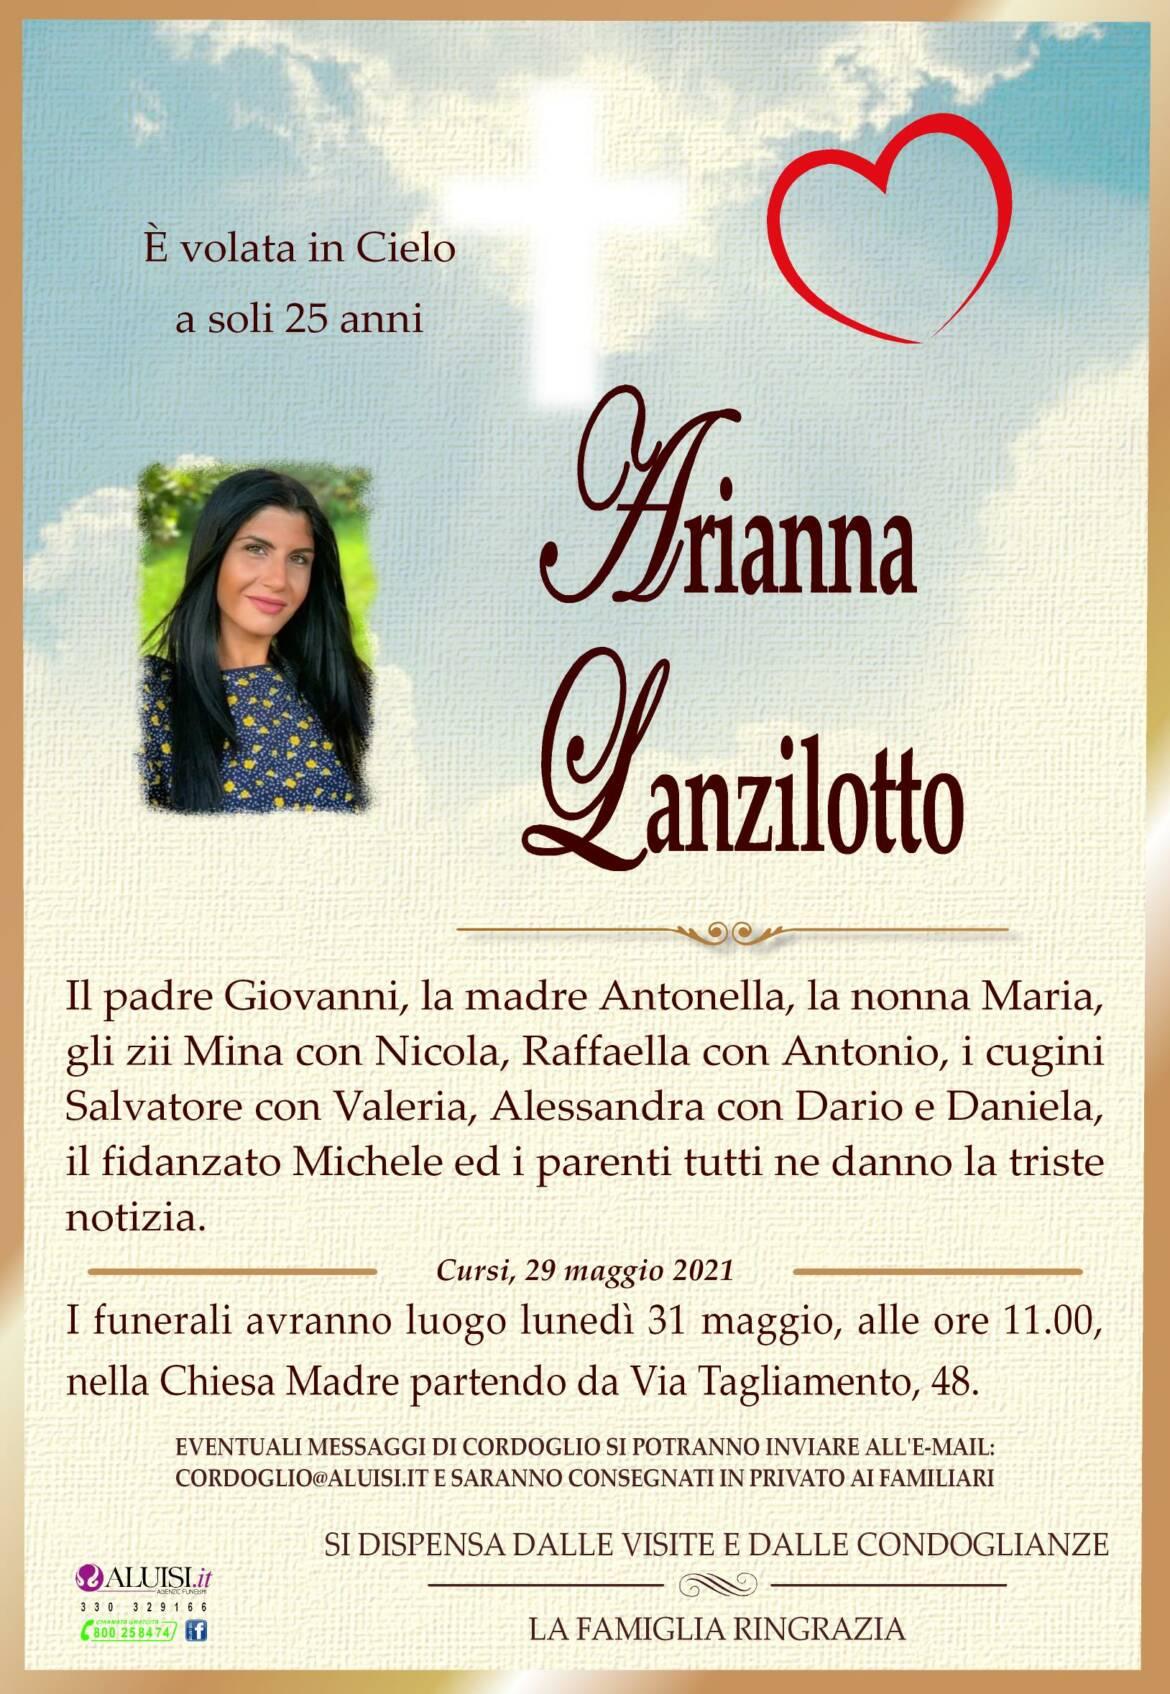 Annuncio-Arianna-Lanzilotto-Cursi.jpg